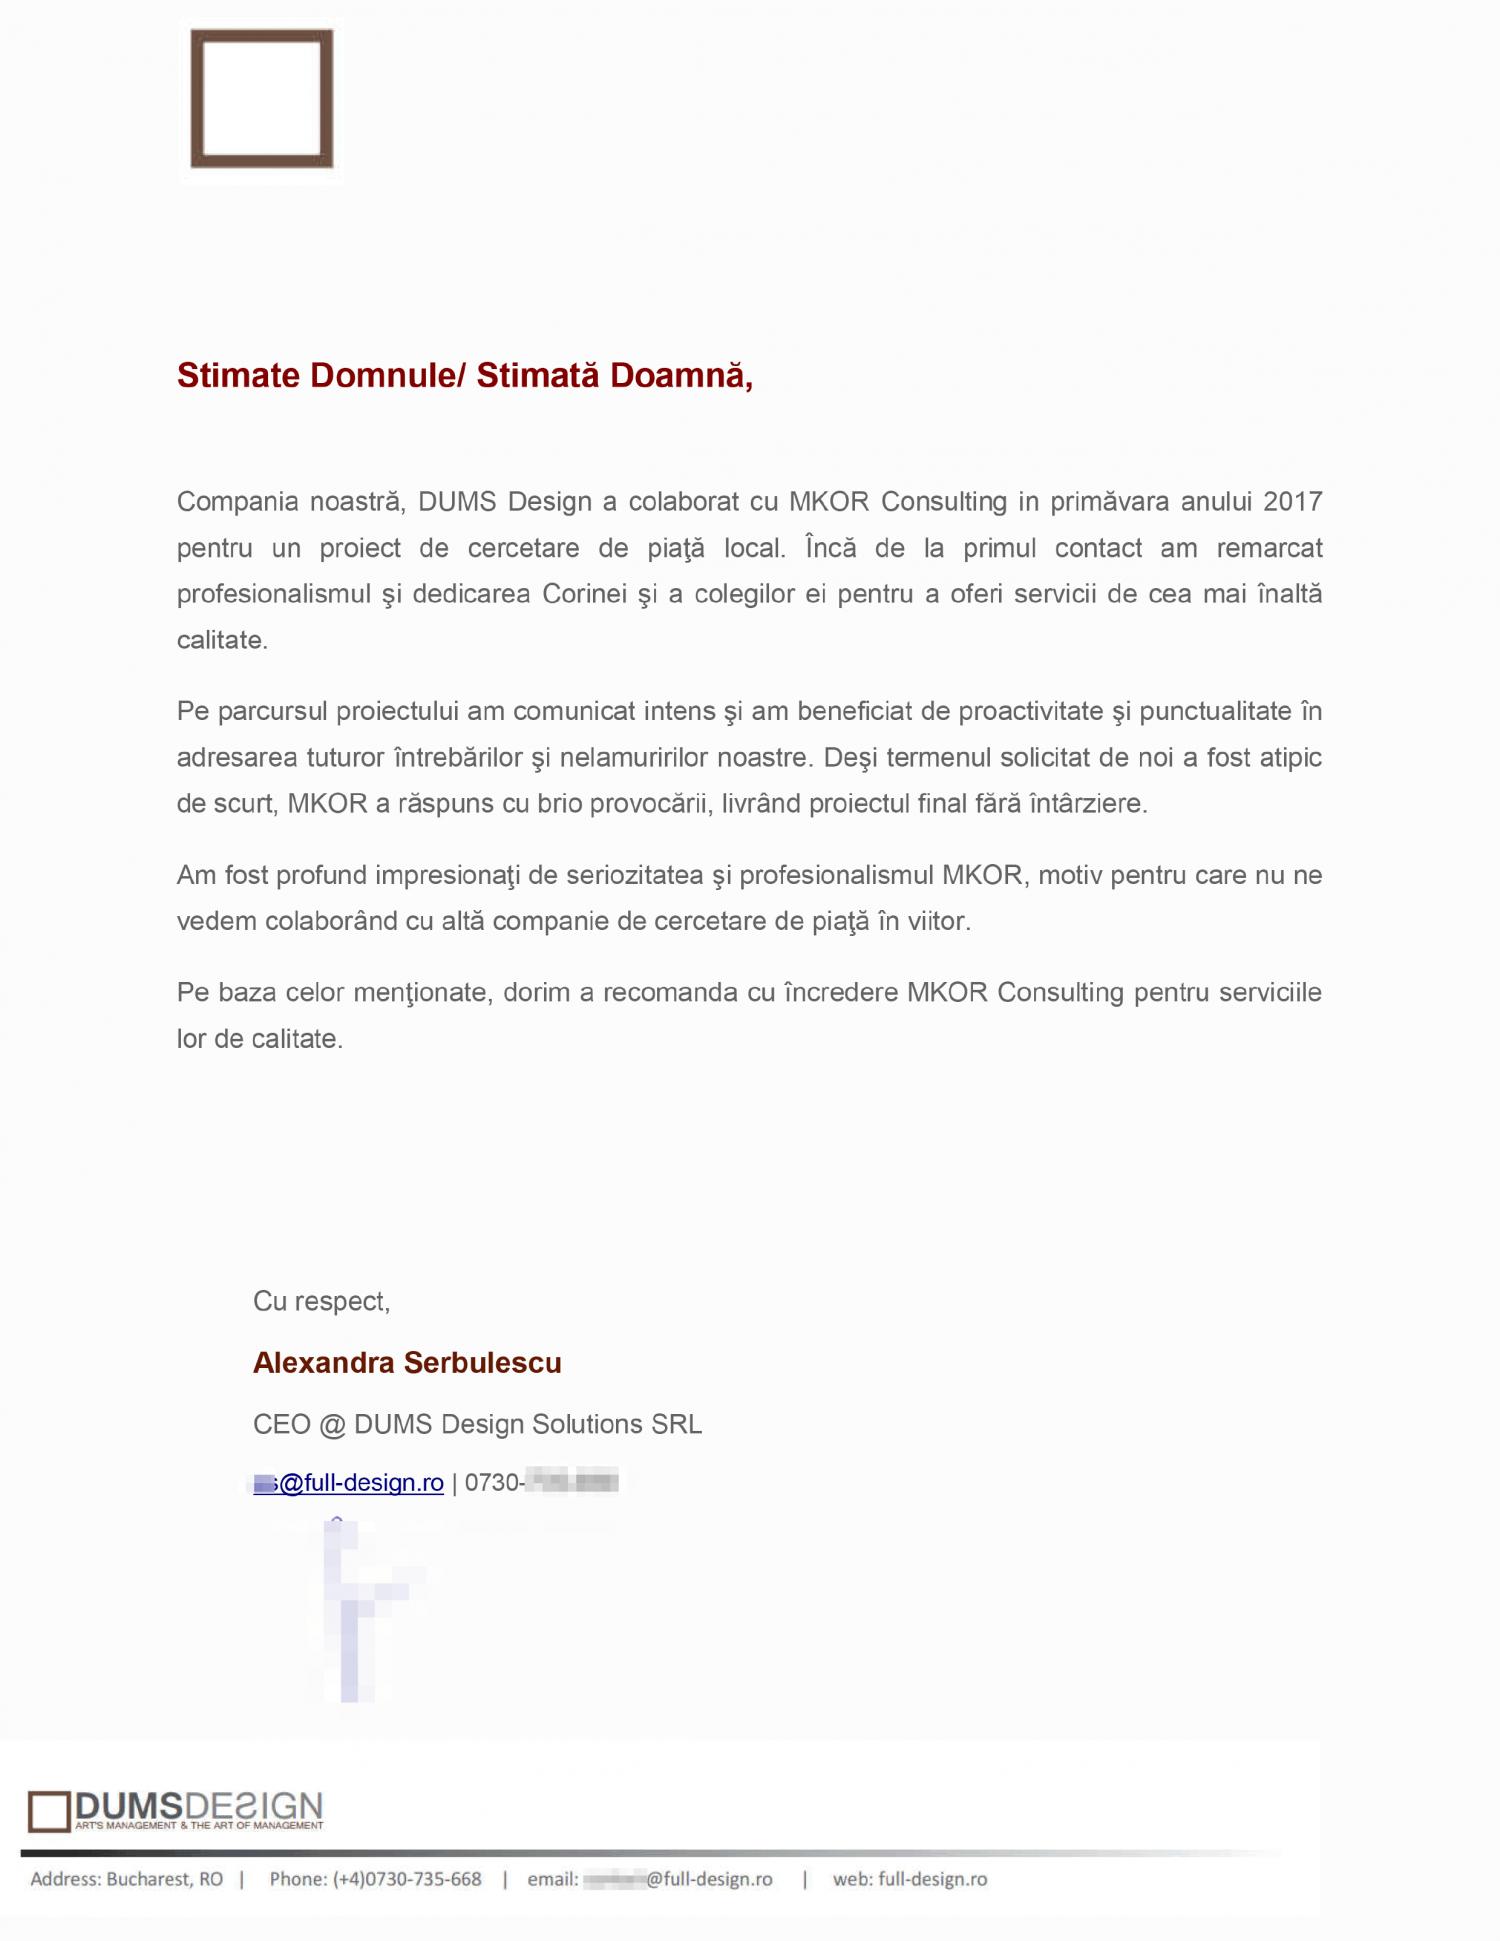 scrisoare-recomandare-dums-design